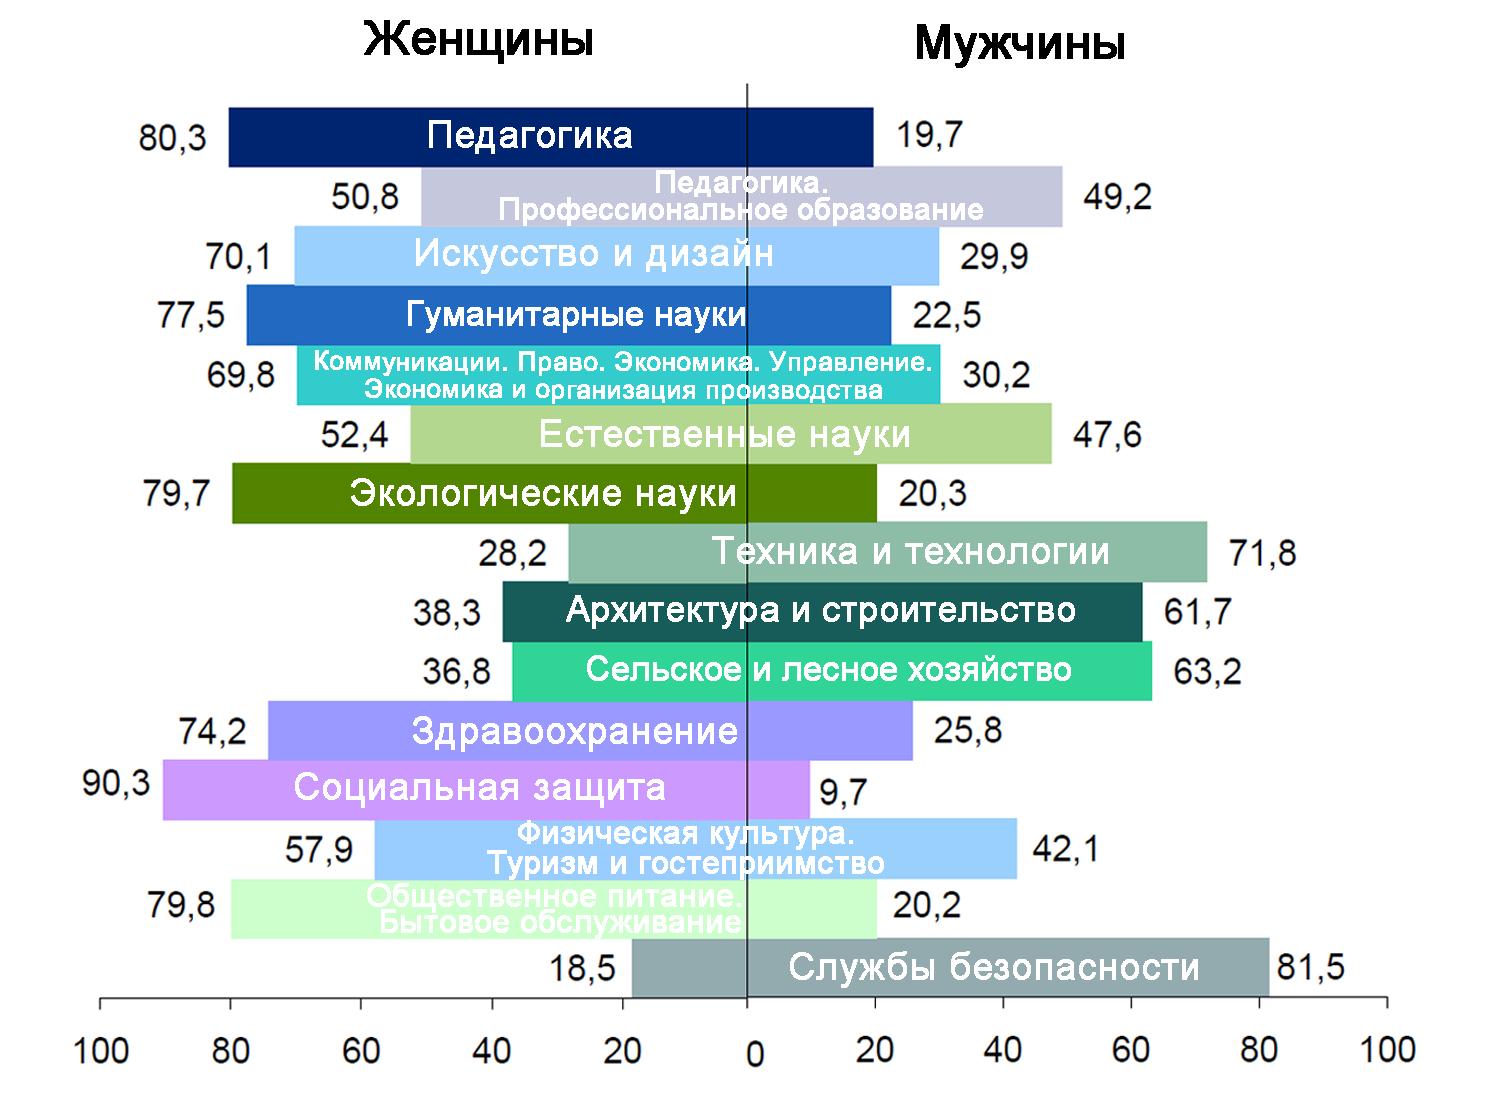 Подходы оценки эффективности деятельности предприятия